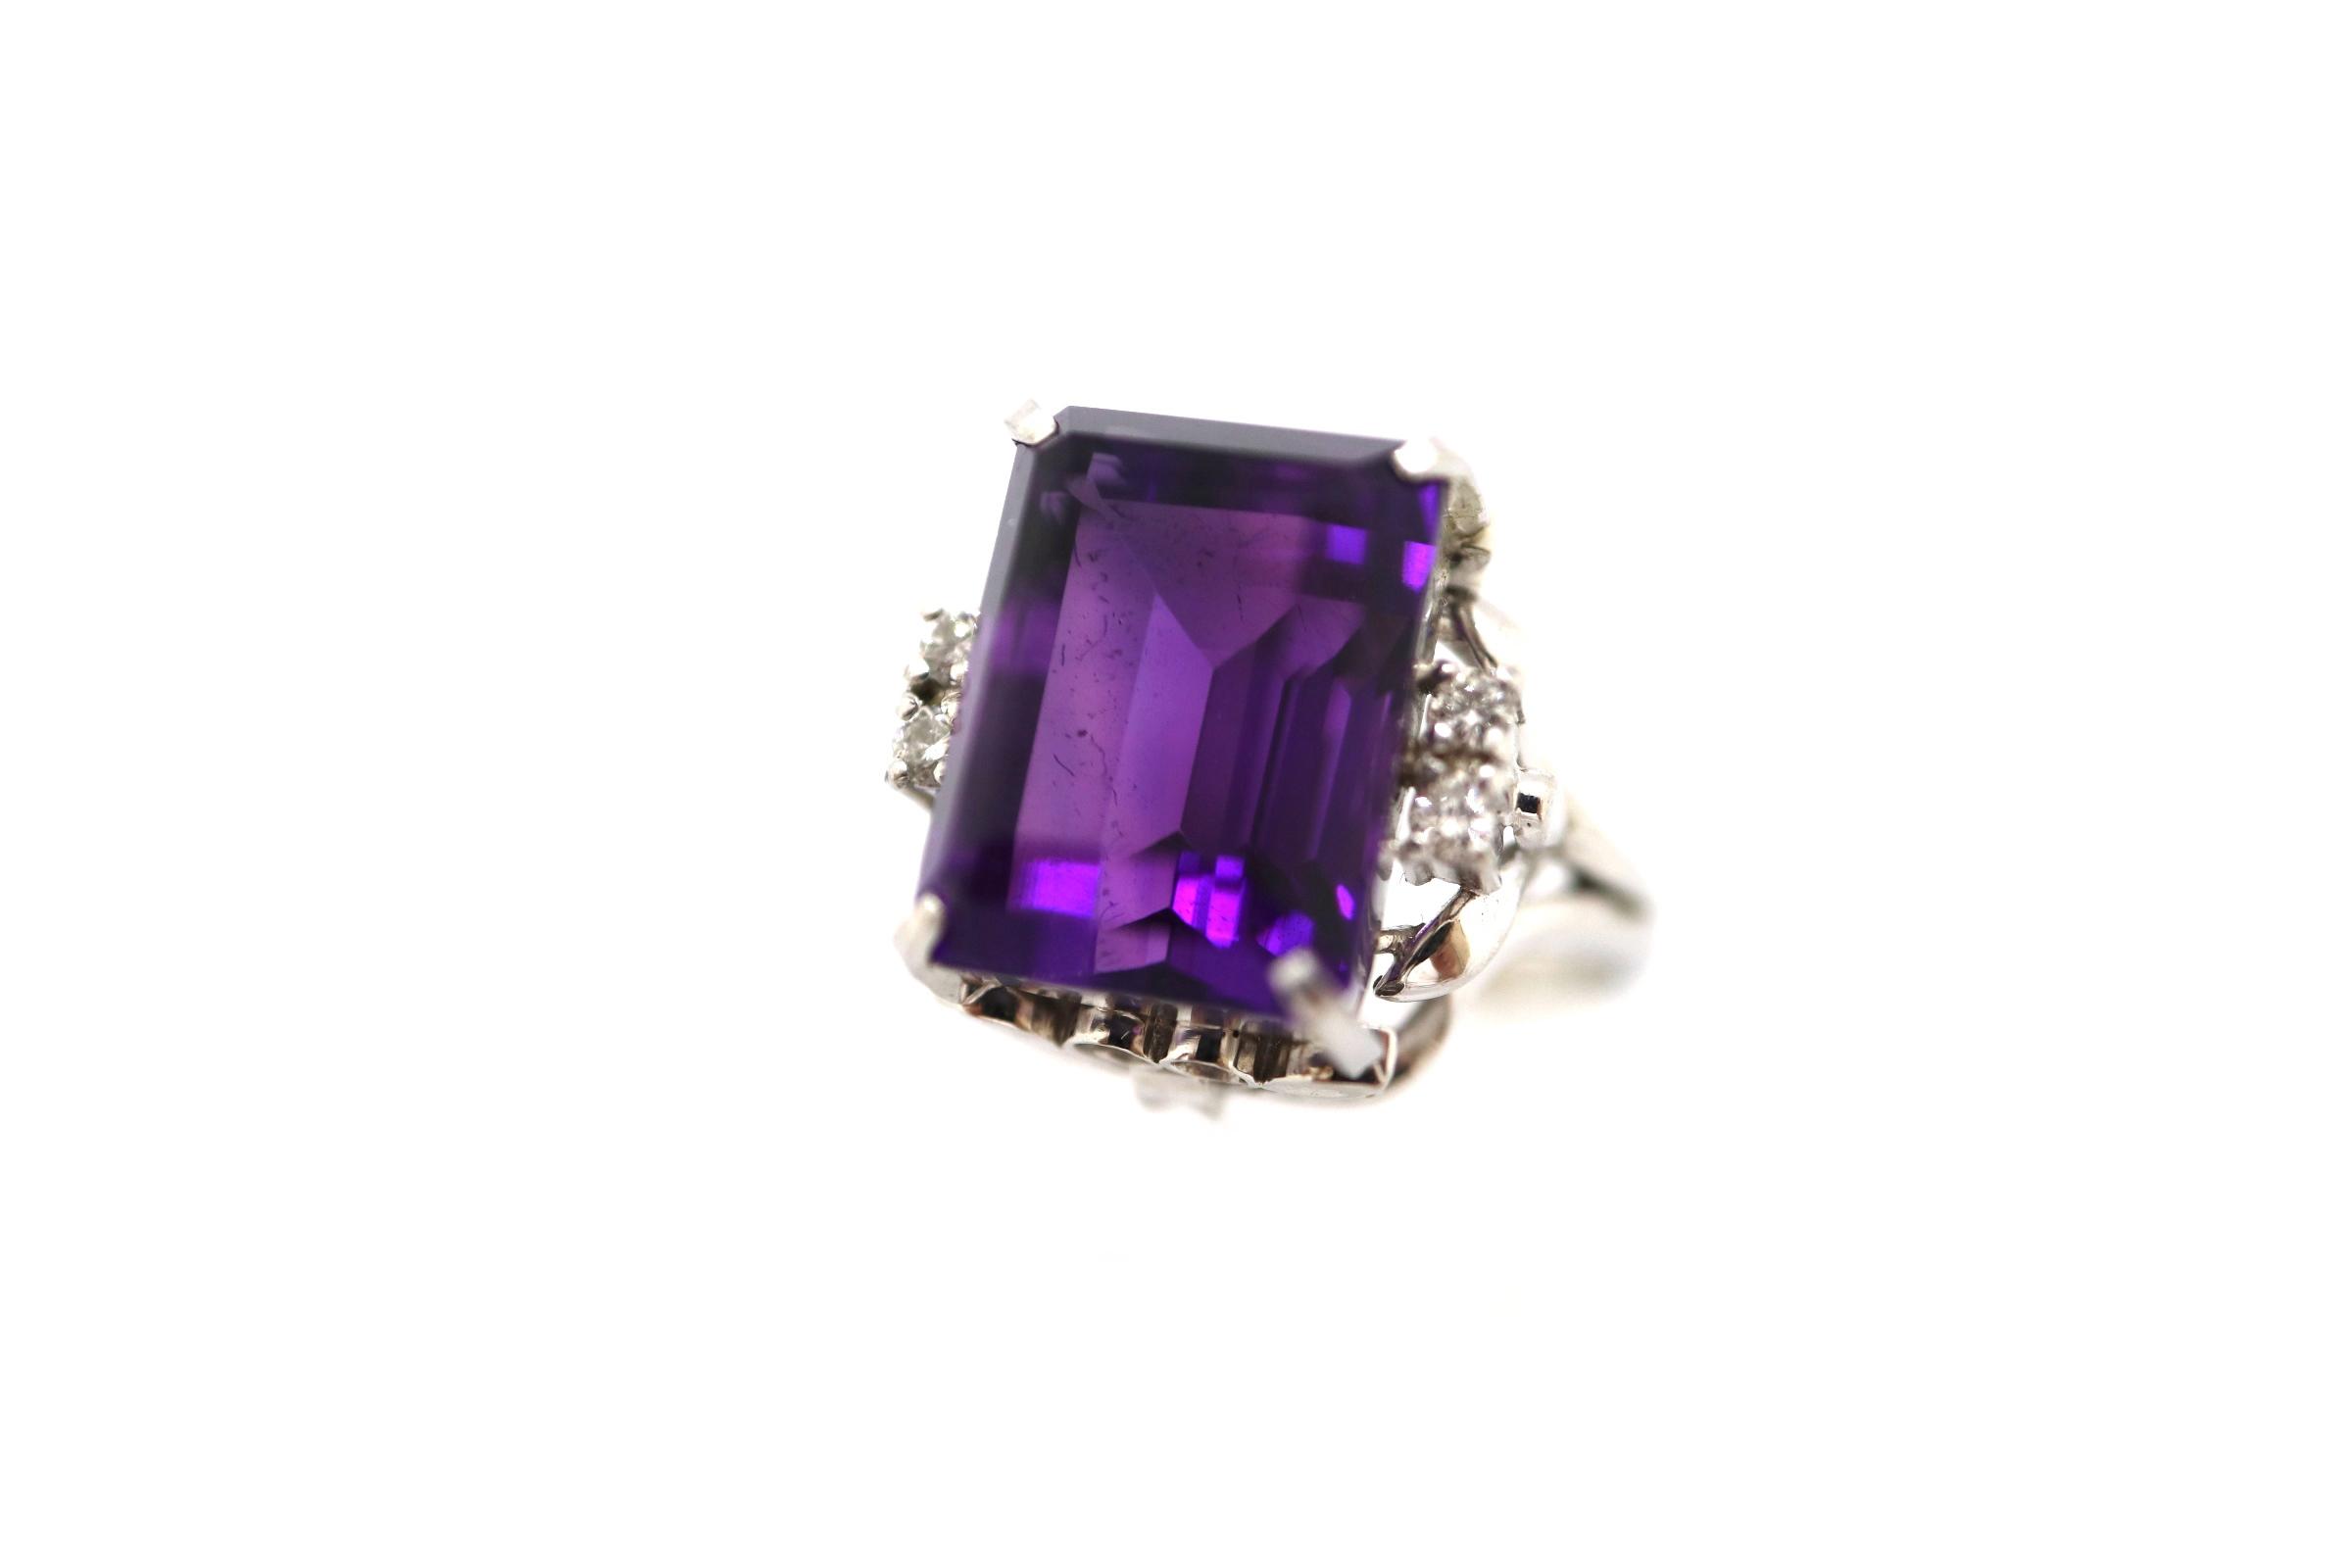 「紫色の宝石.1:アメシスト」のイメージ画像